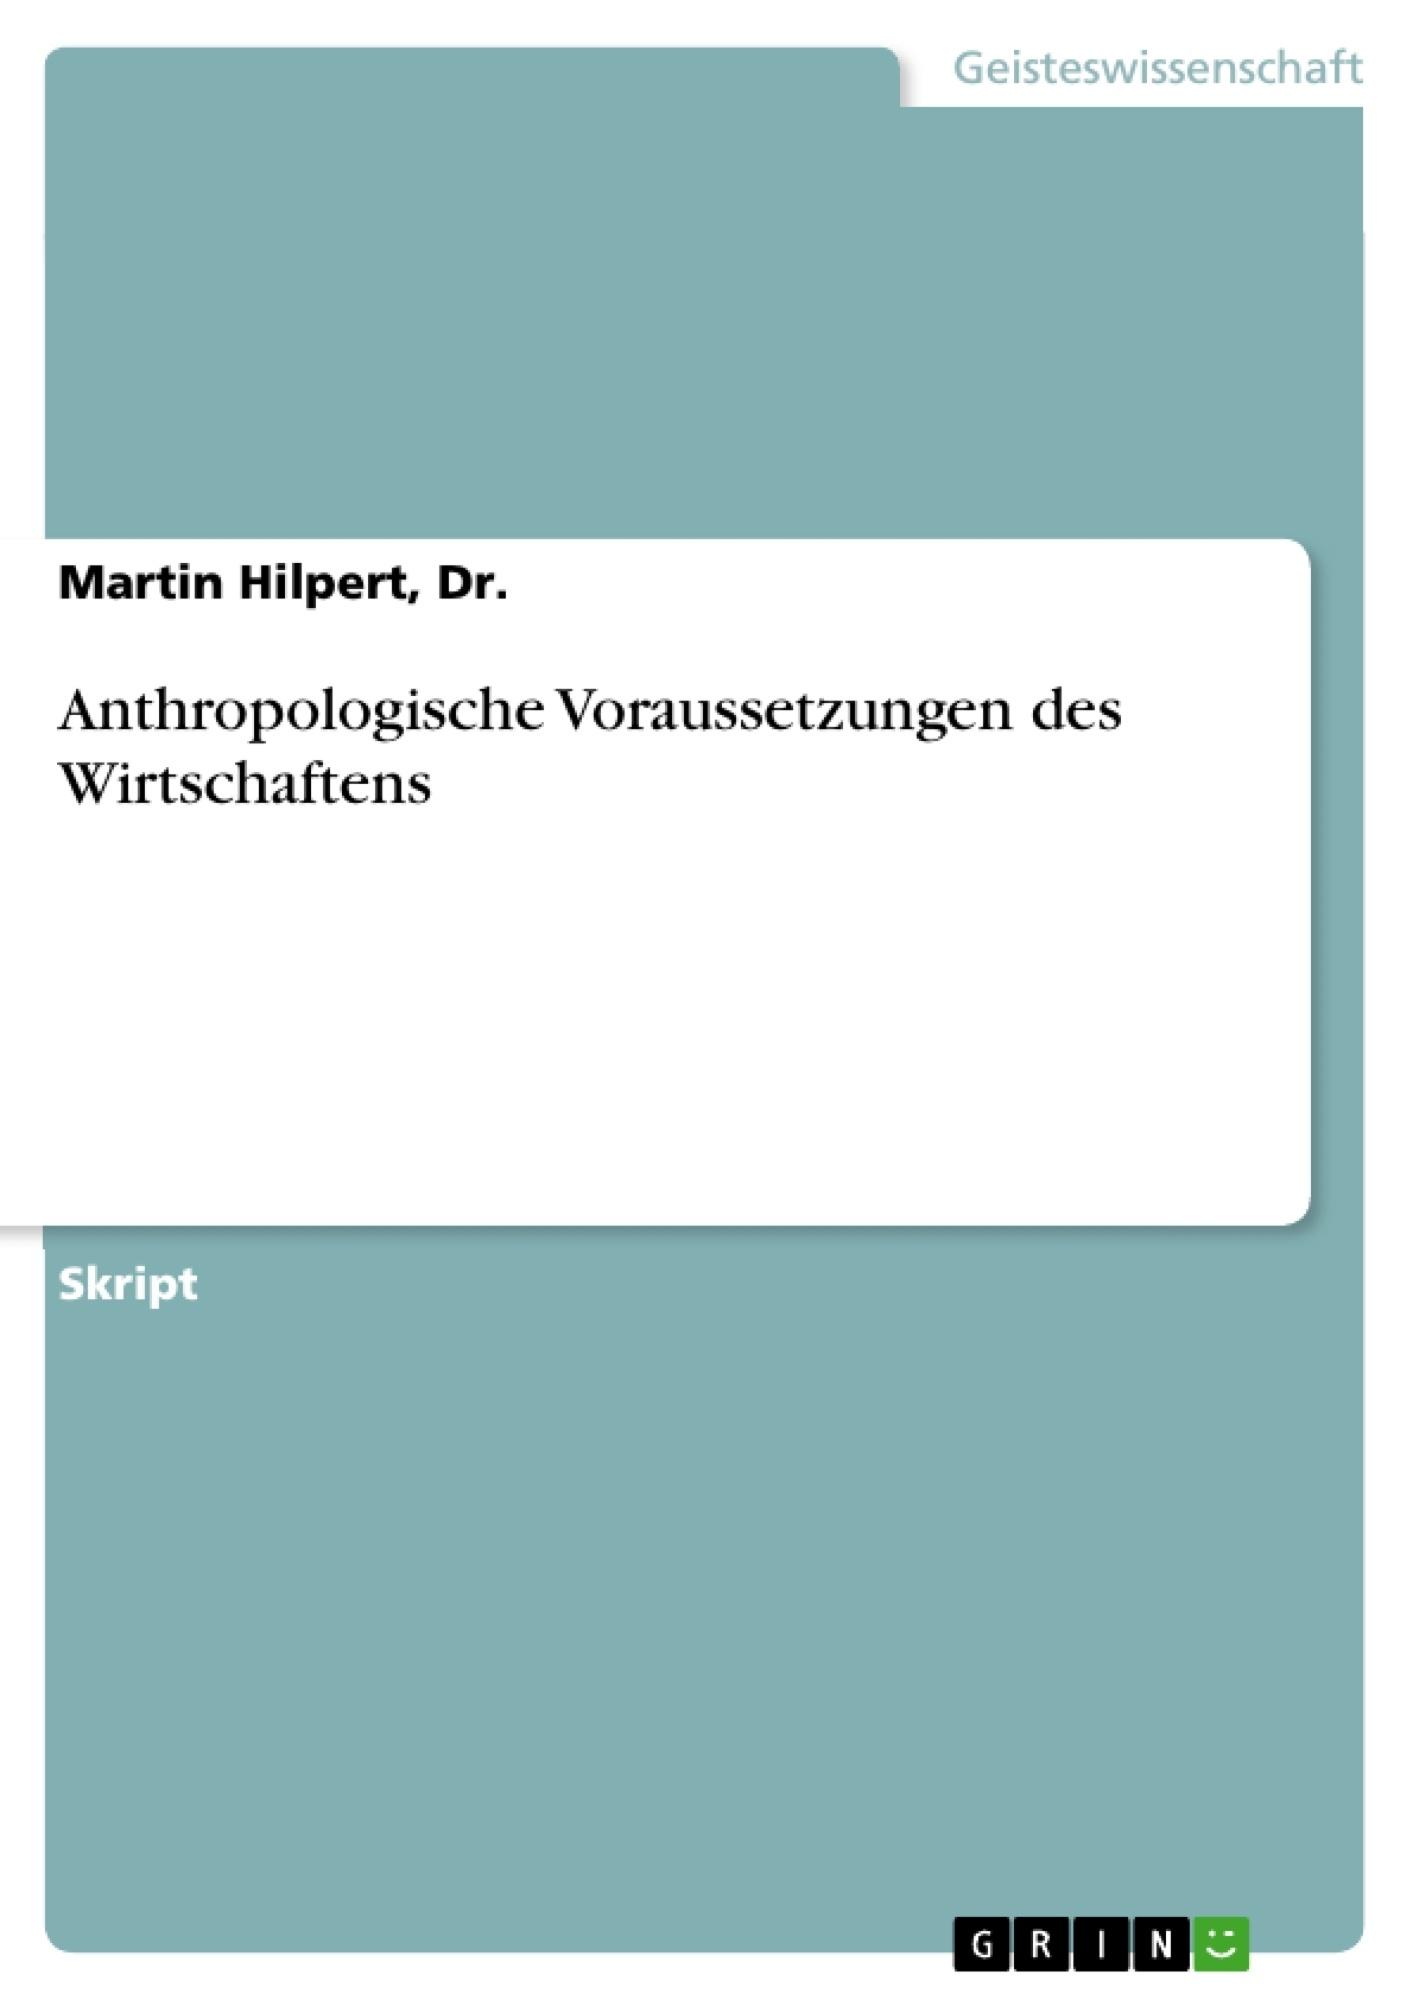 Titel: Anthropologische Voraussetzungen des Wirtschaftens